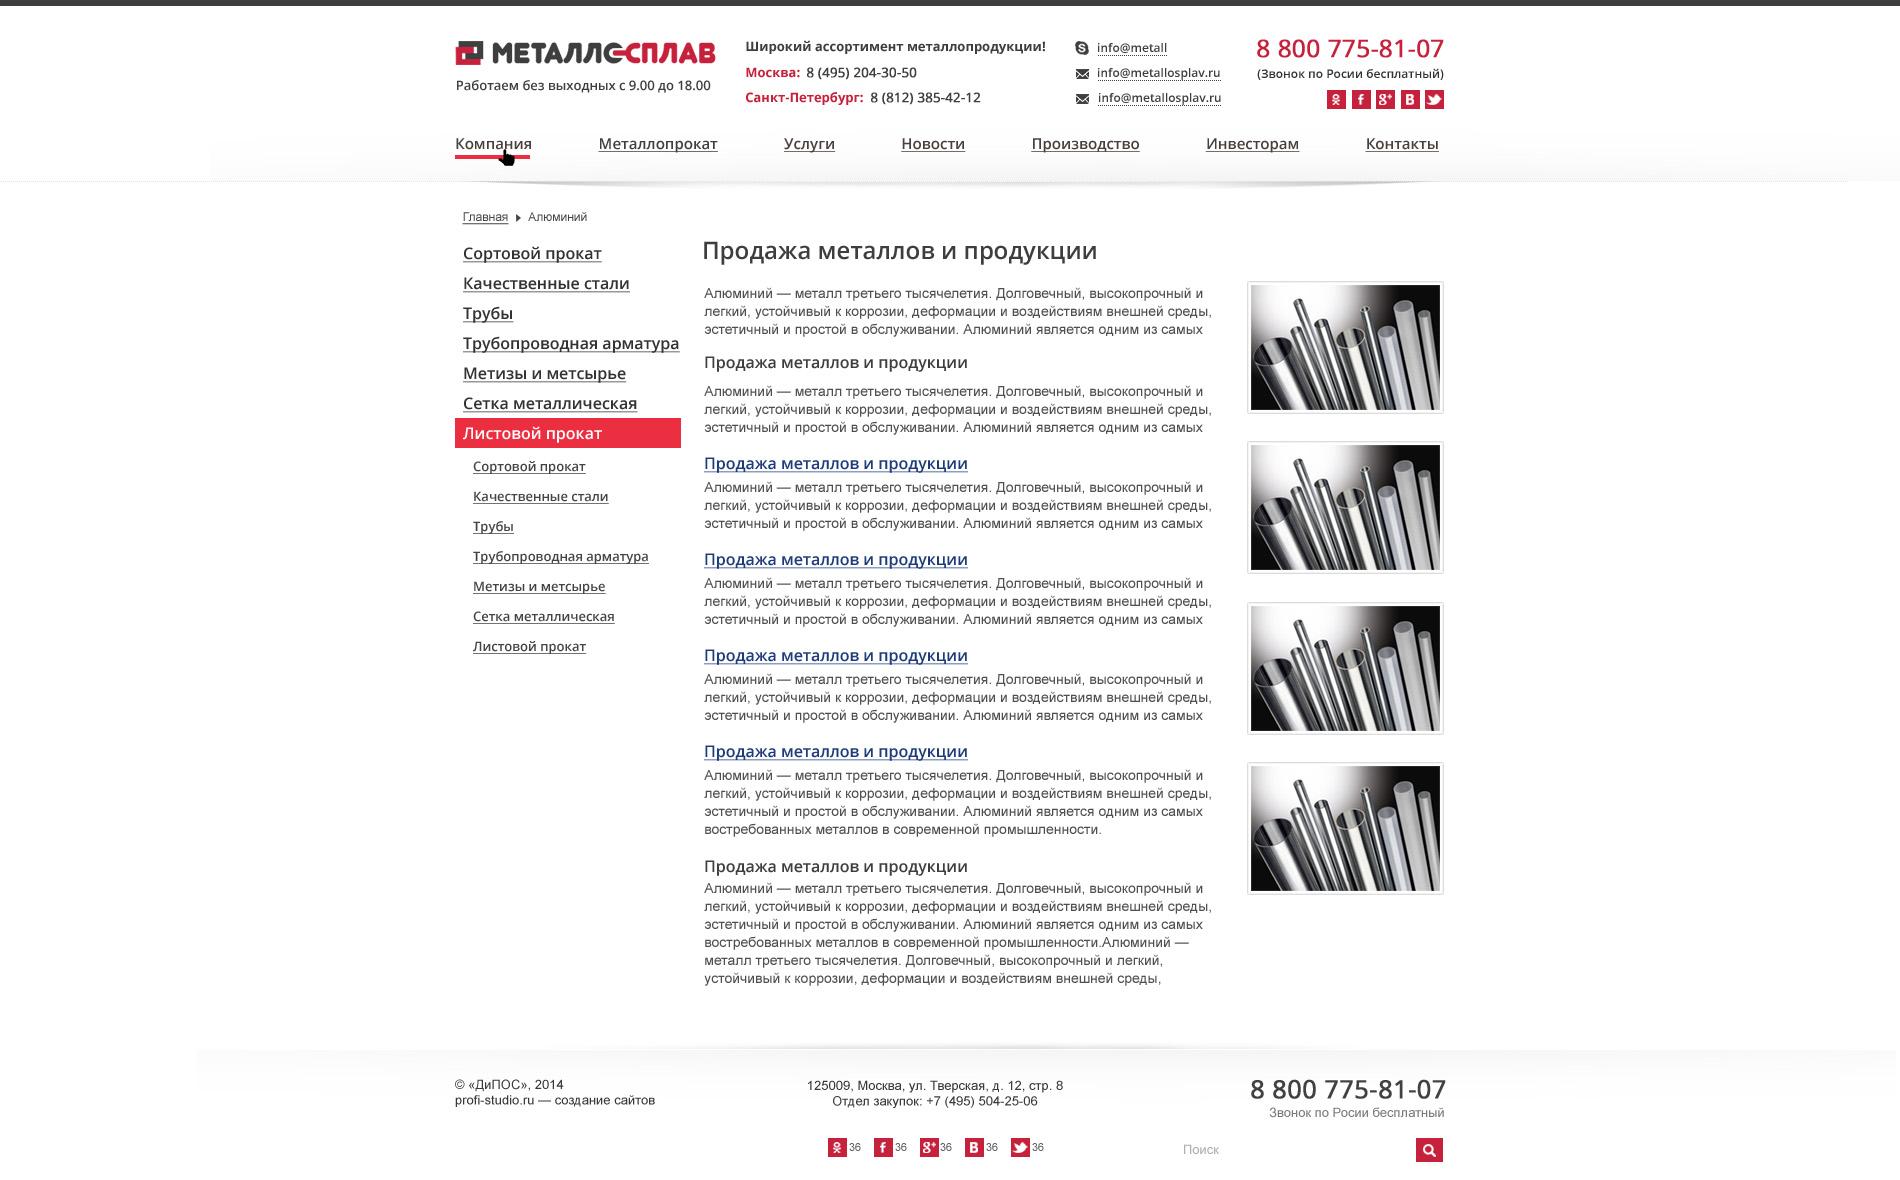 metalosplav_katalog